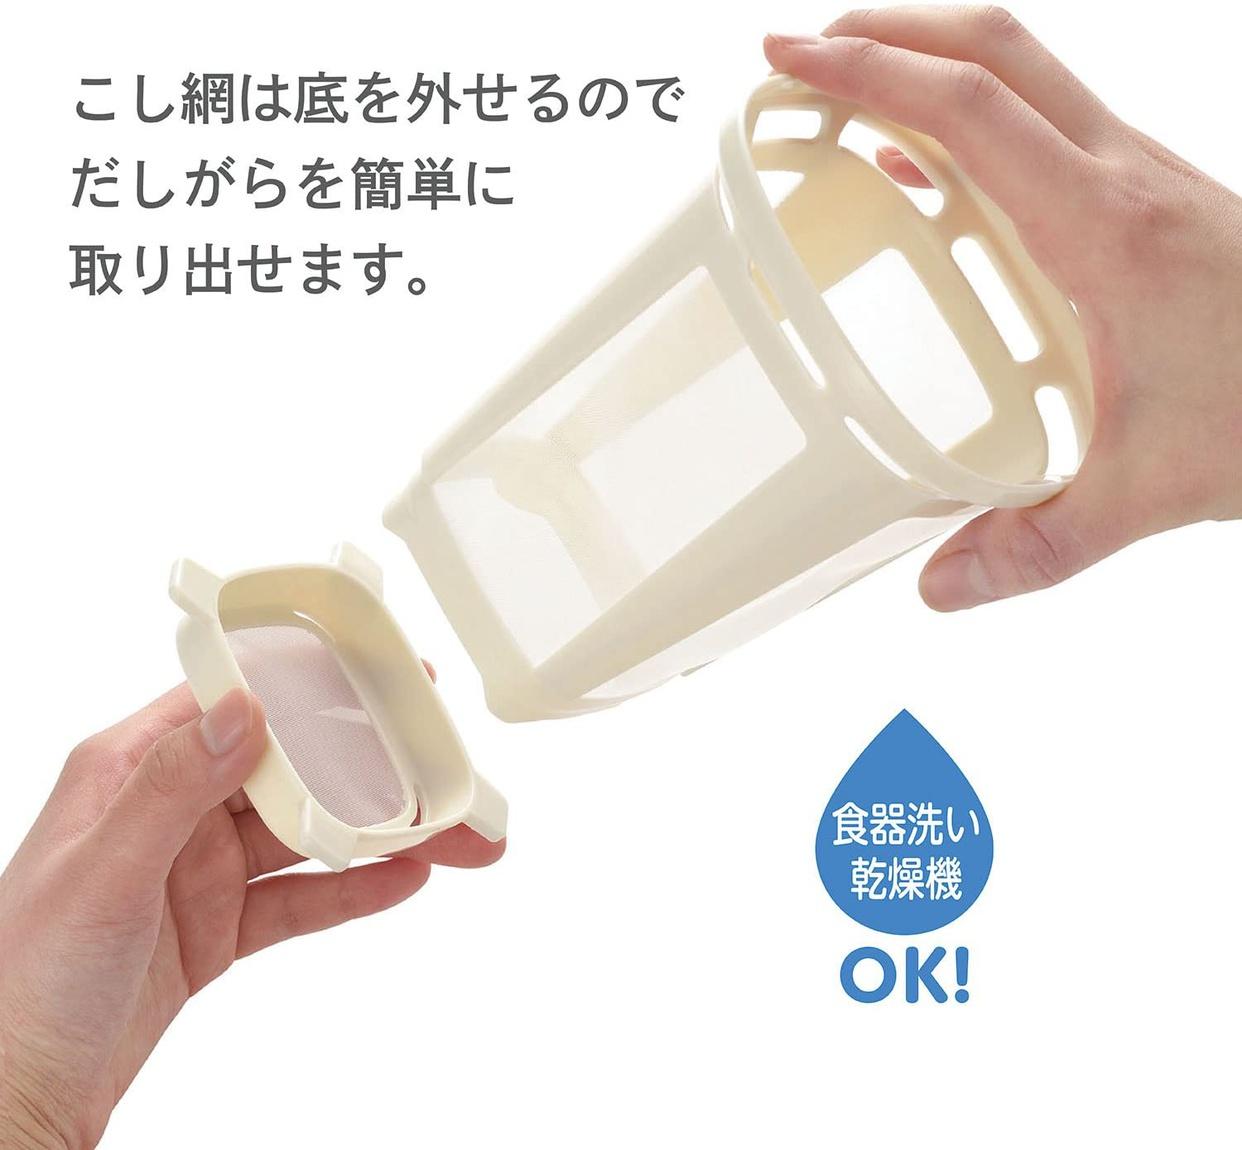 曙産業(AKEBONO) レンジで美味しいおだし RE-1510の商品画像7